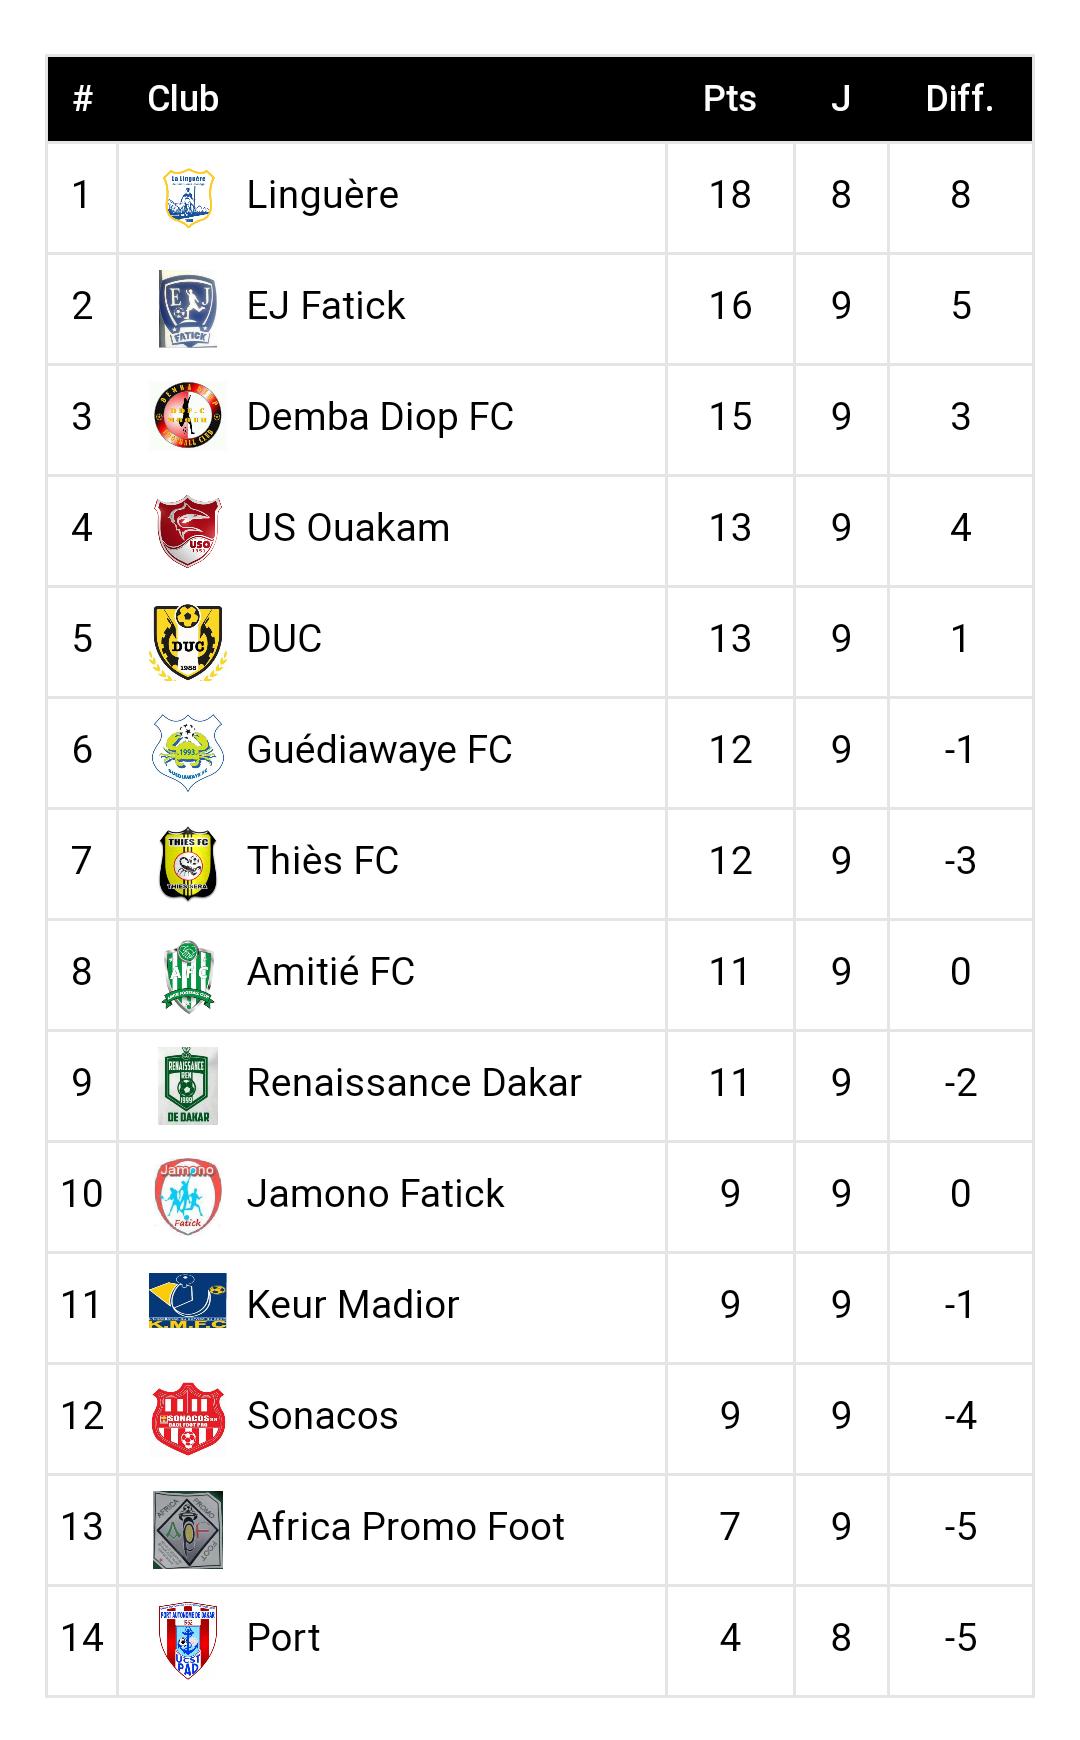 Ligue 2 / Résultats 9ème journée : Belle remontée du DUC et GFC qui tiennent la corde derrière le leader, Linguère…